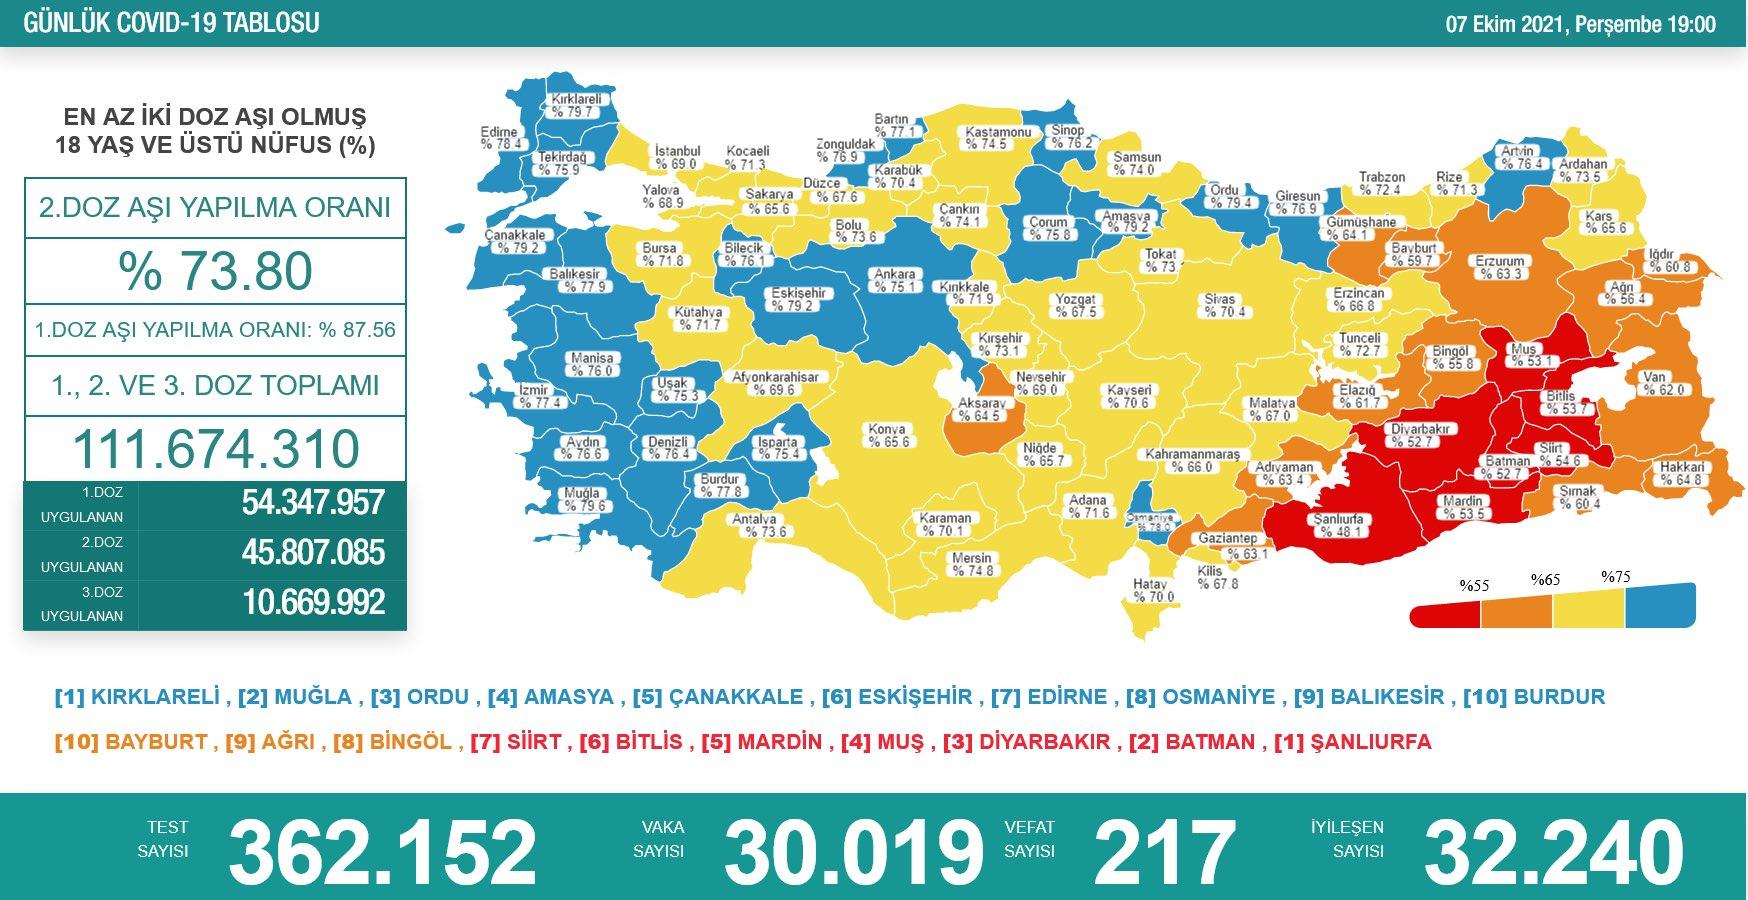 Sağlık Bakanlığı 7 Ekim 2021 Türkiye Koronavirüs Tablosu Açıkladı